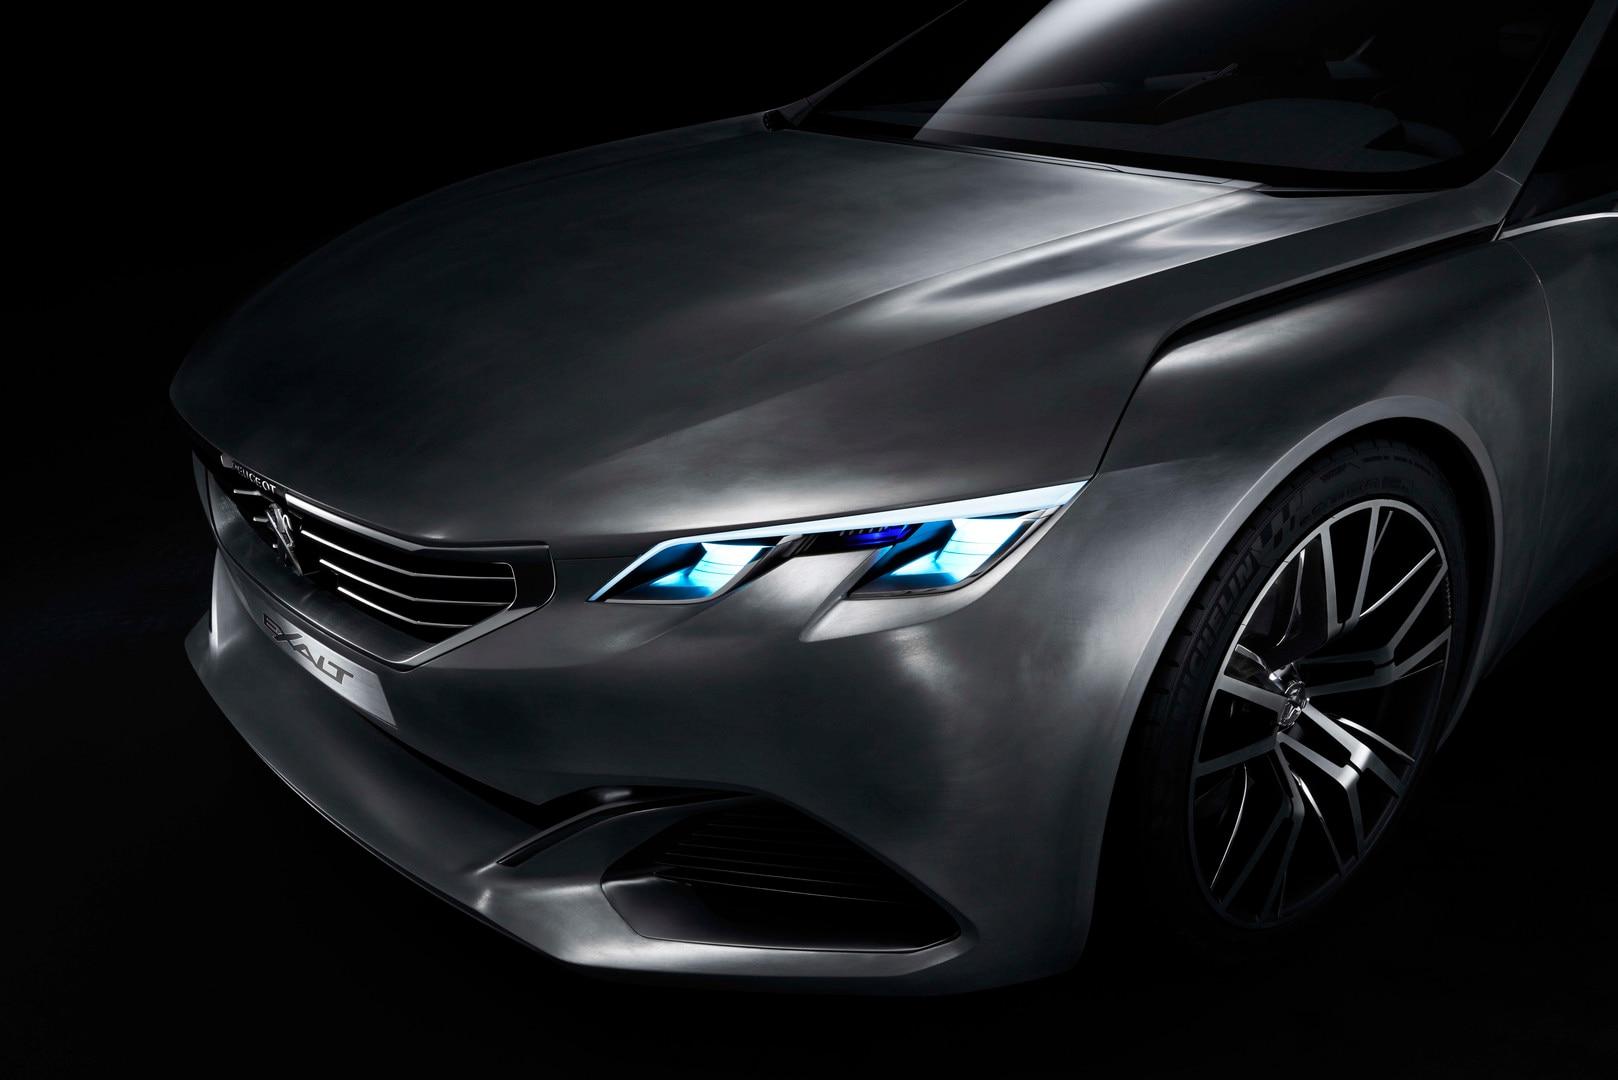 Peugeot Exalt - Su motor utiliza la tecnología HYbrid4